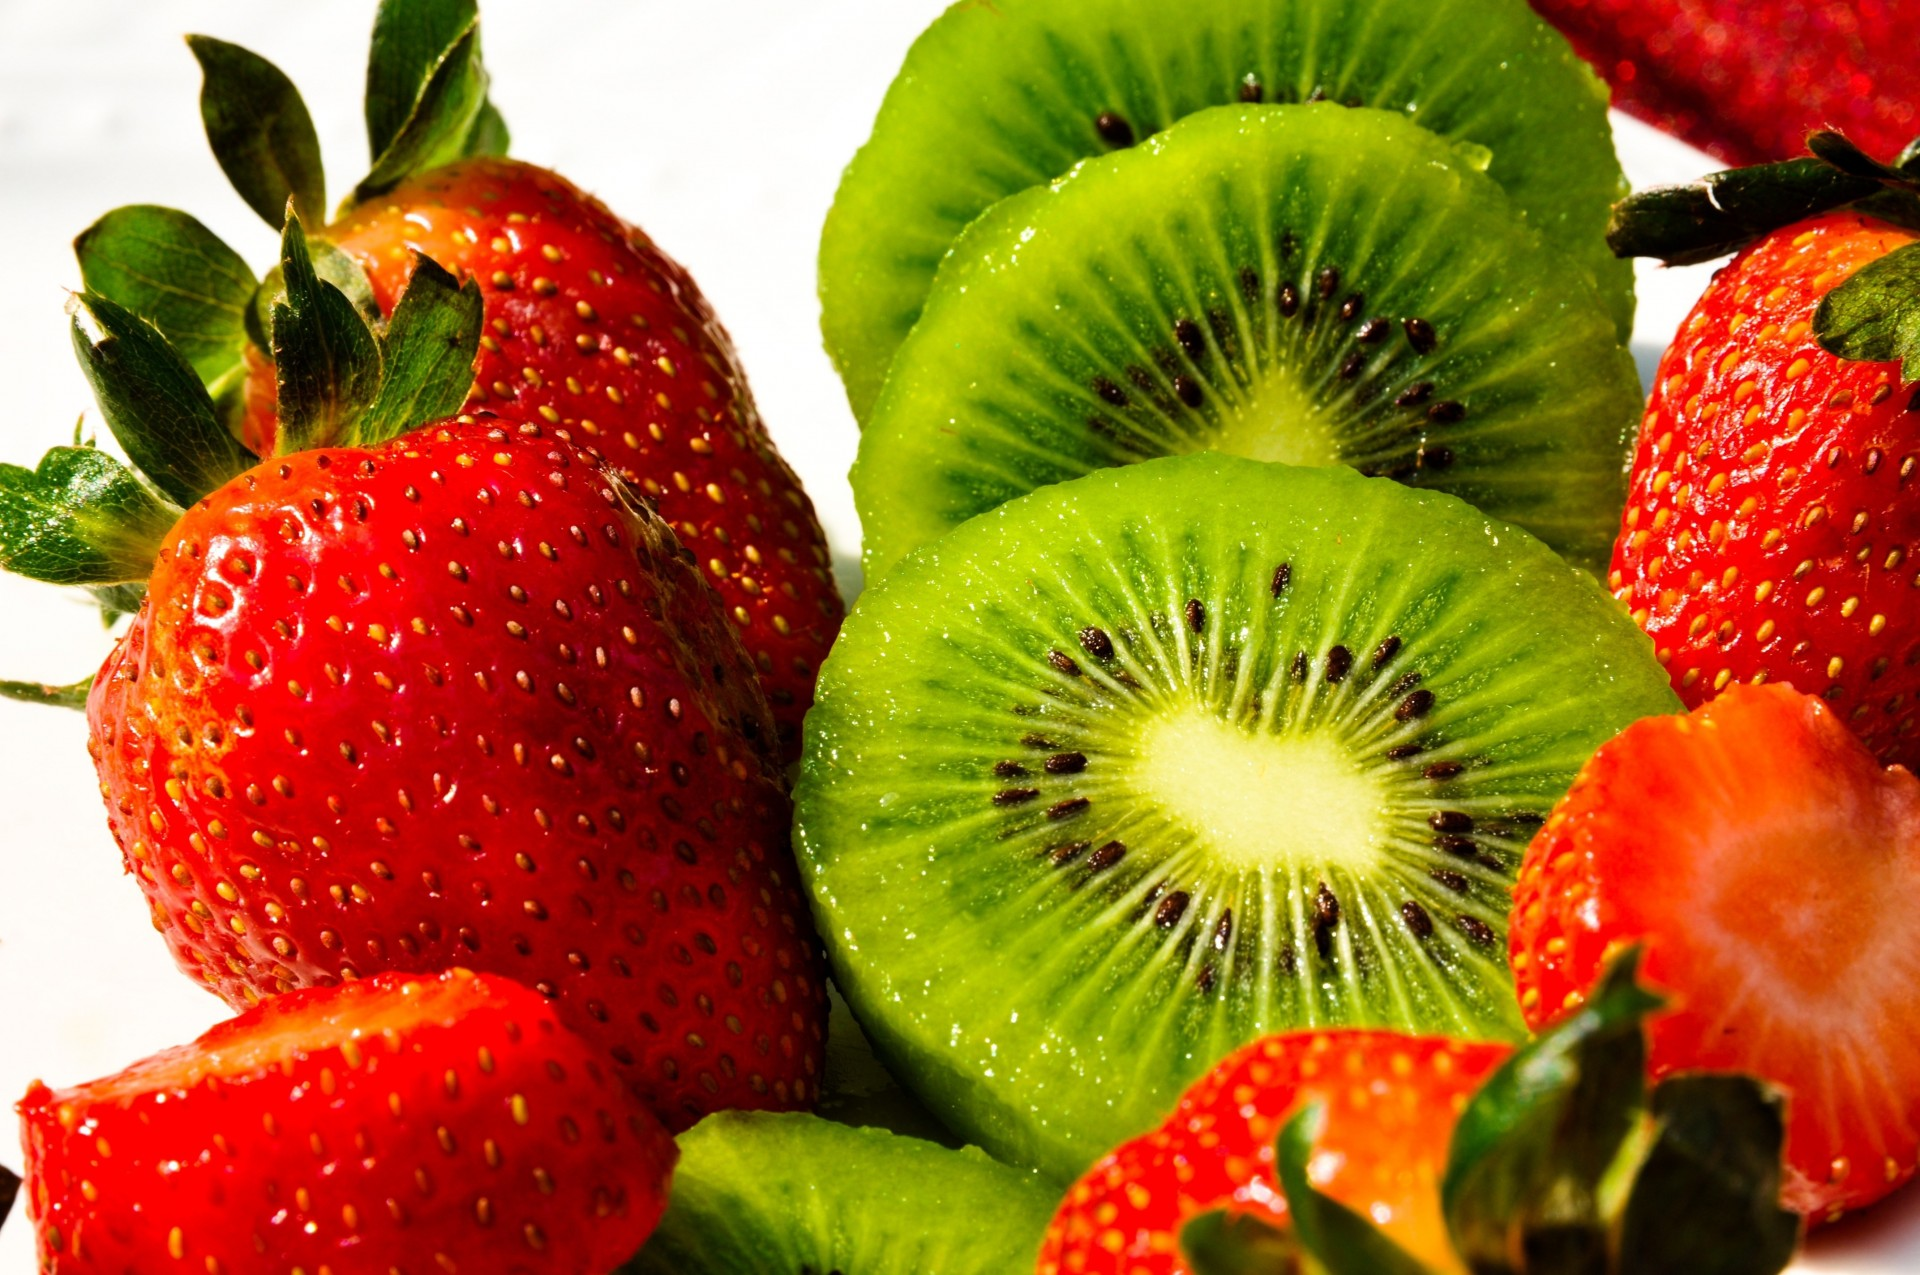 красивые картинки на телефон фрукты понял что